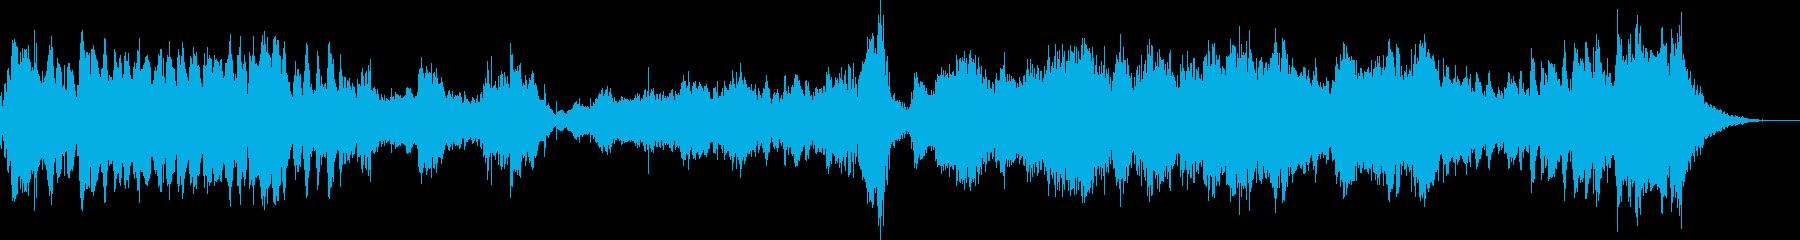 弦楽器と打楽器で緊張感をの再生済みの波形